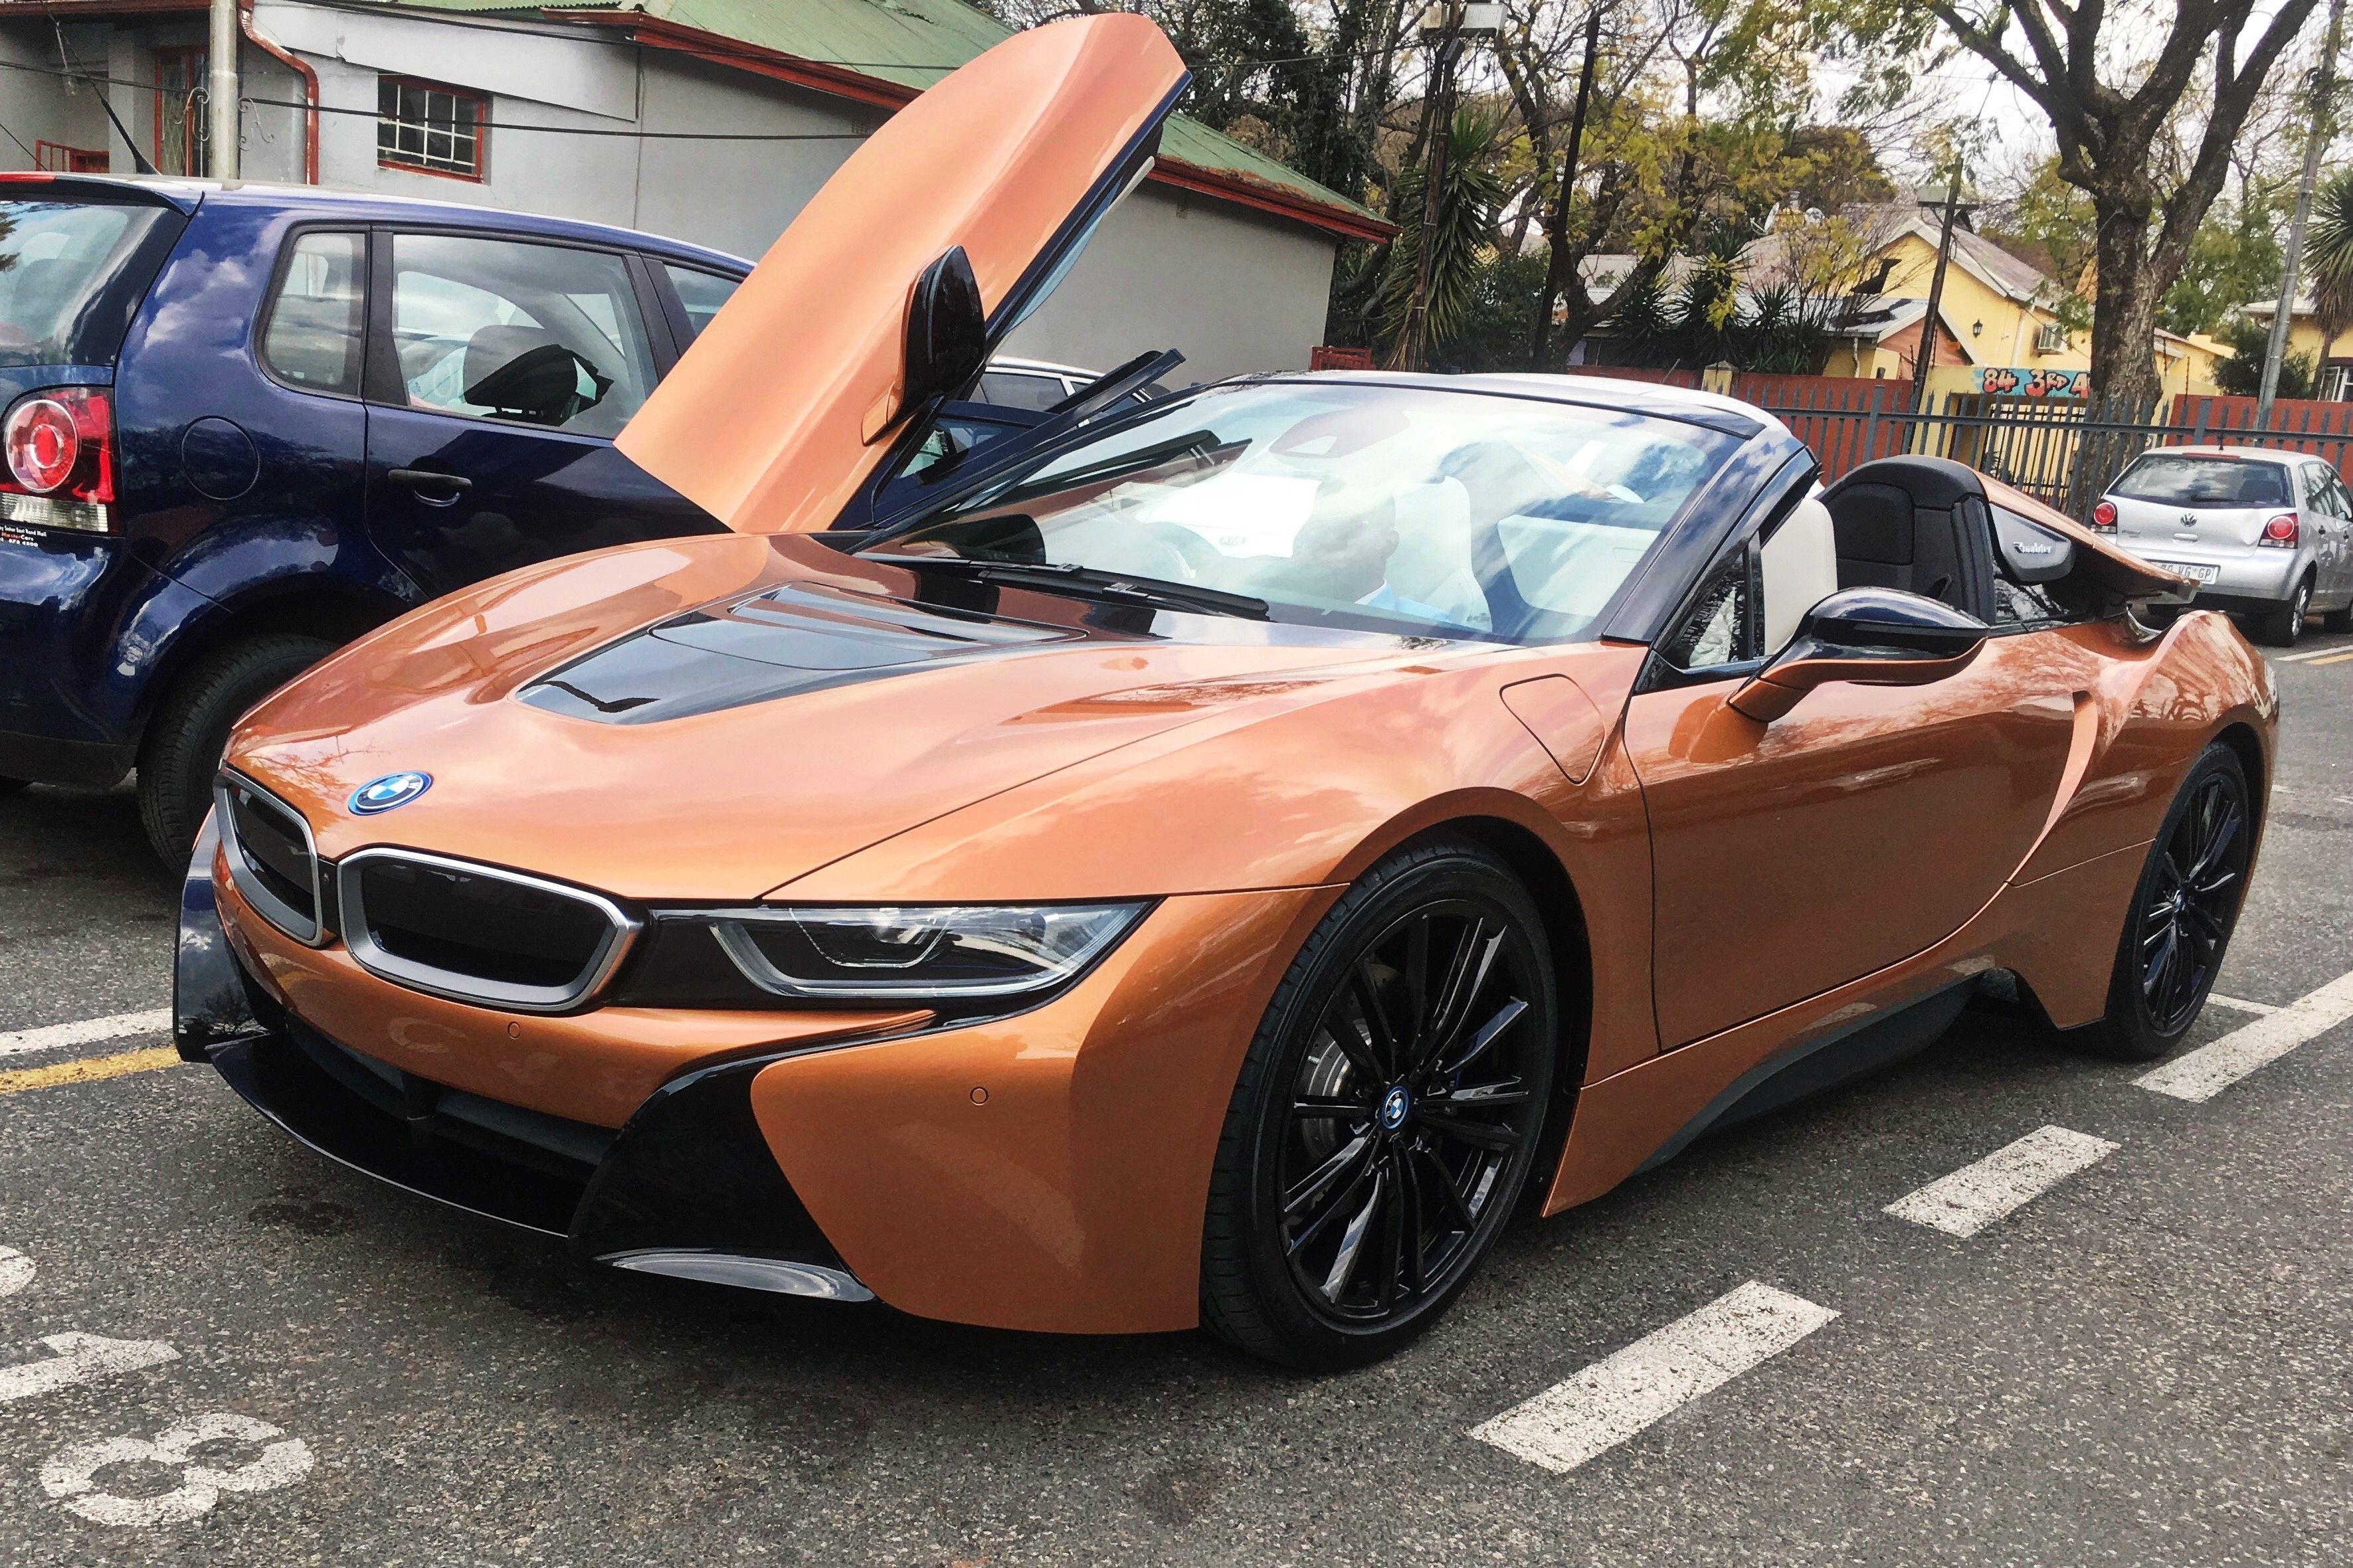 Exoticspotsa Week 39 2018 News Bmw Bmw I8 Cars